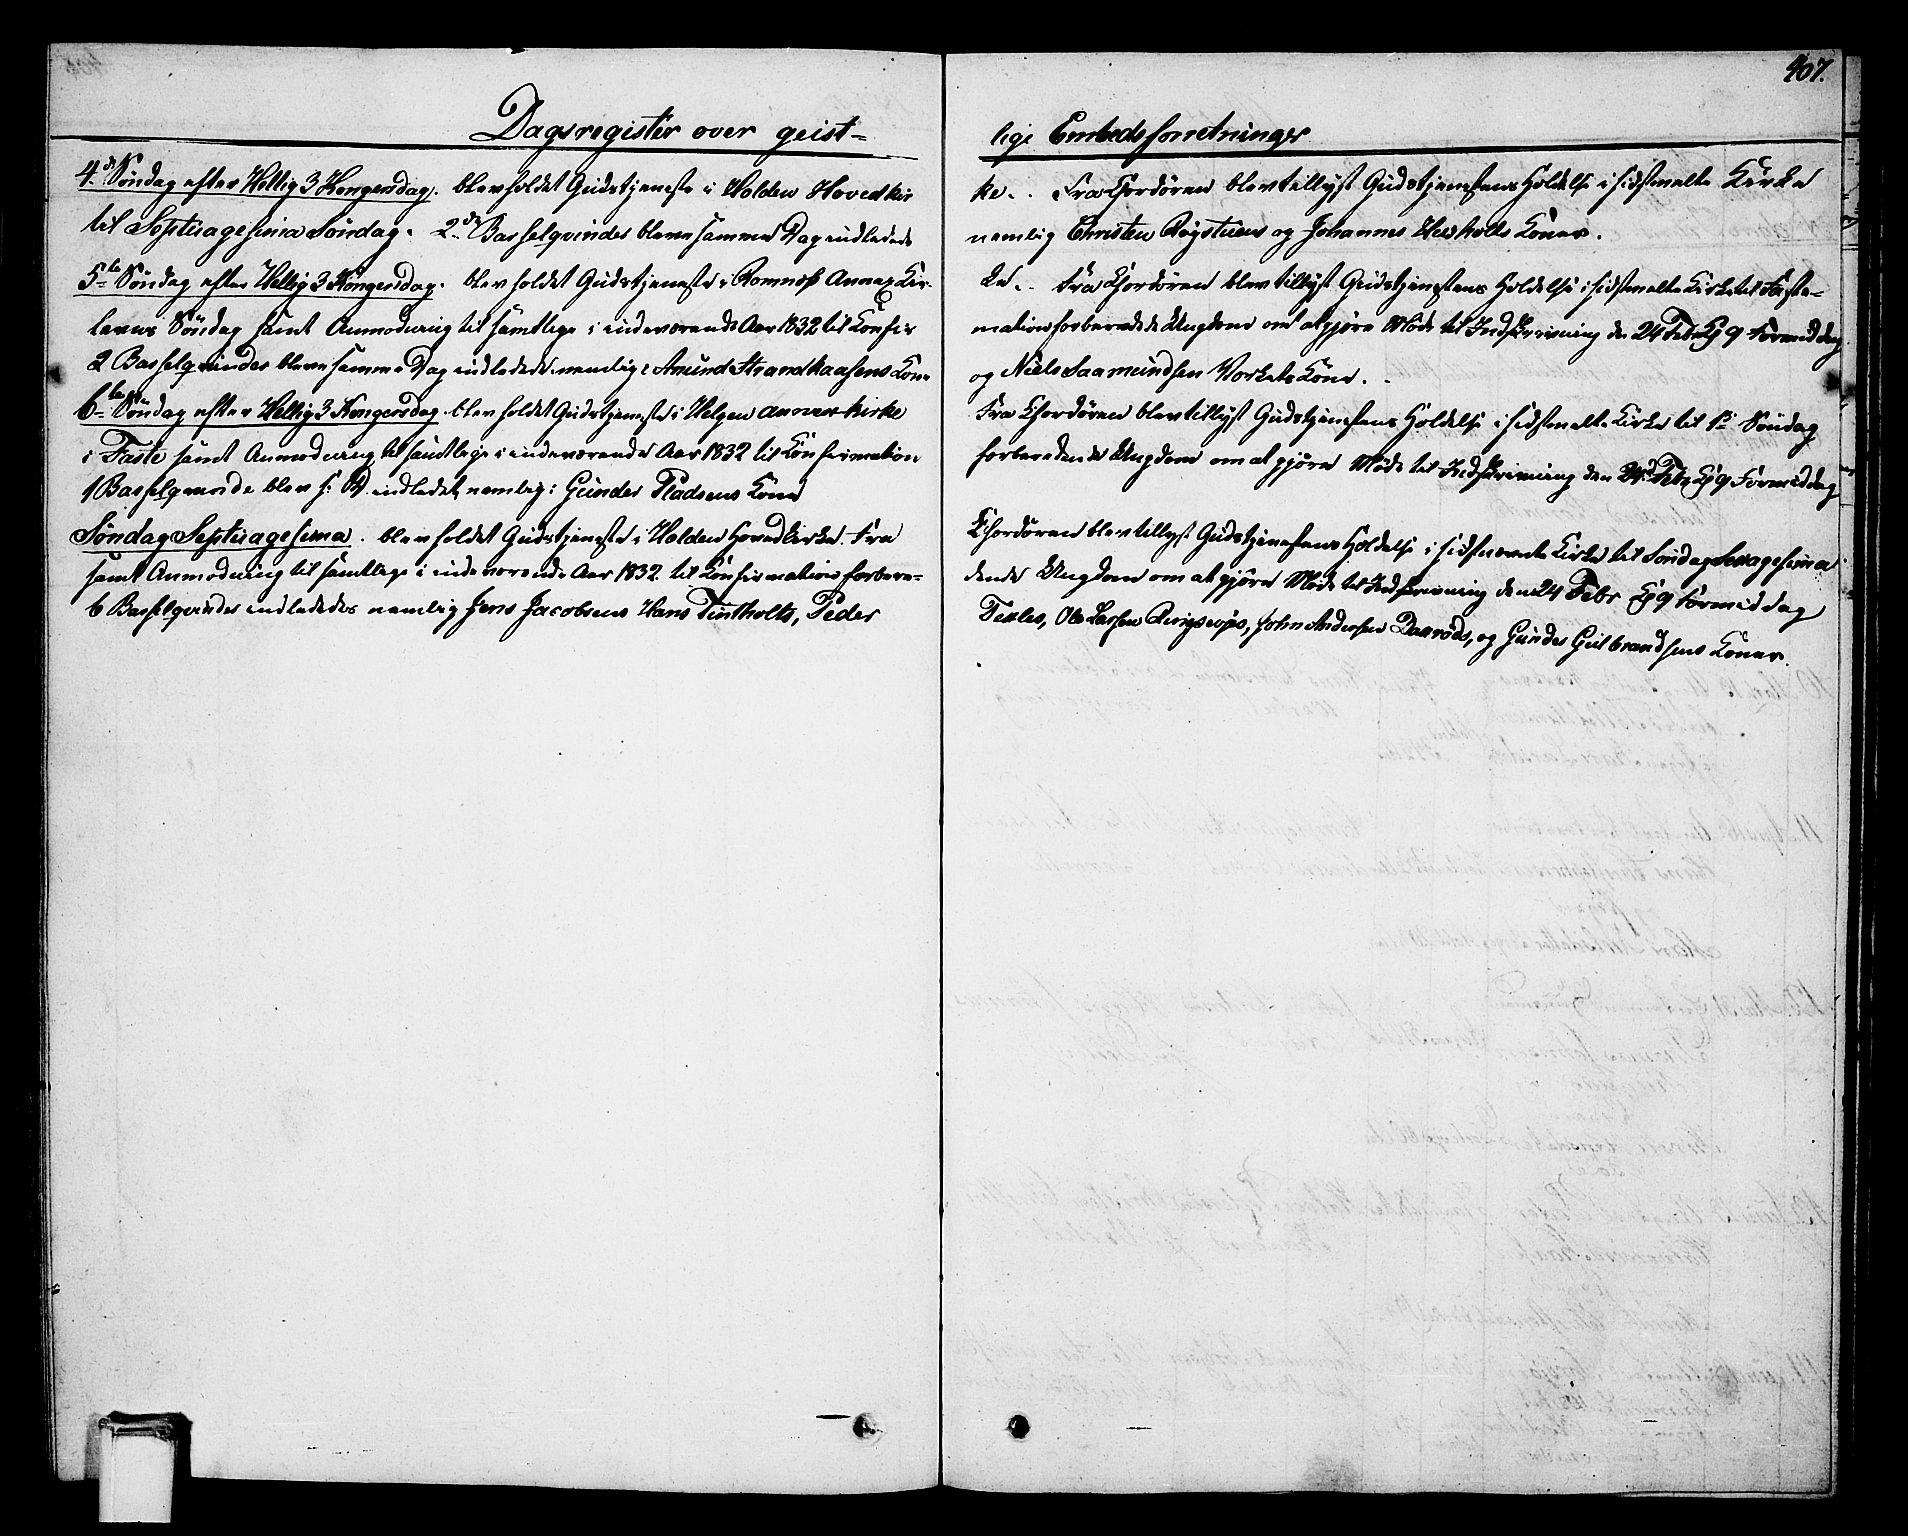 SAKO, Holla kirkebøker, G/Ga/L0002: Klokkerbok nr. I 2, 1830-1848, s. 407